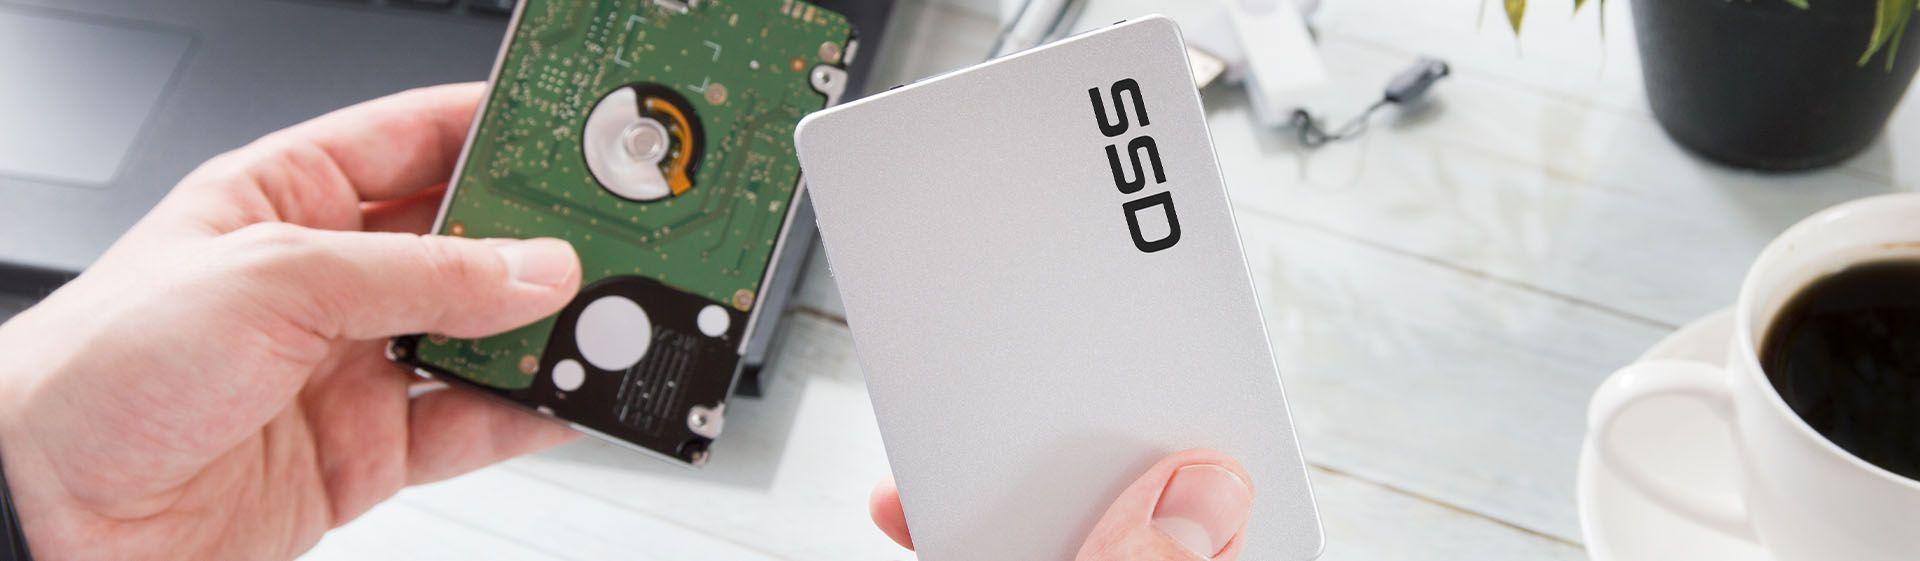 Melhor SSD em 2020: 8 modelos para comprar e deixar o PC mais rápido